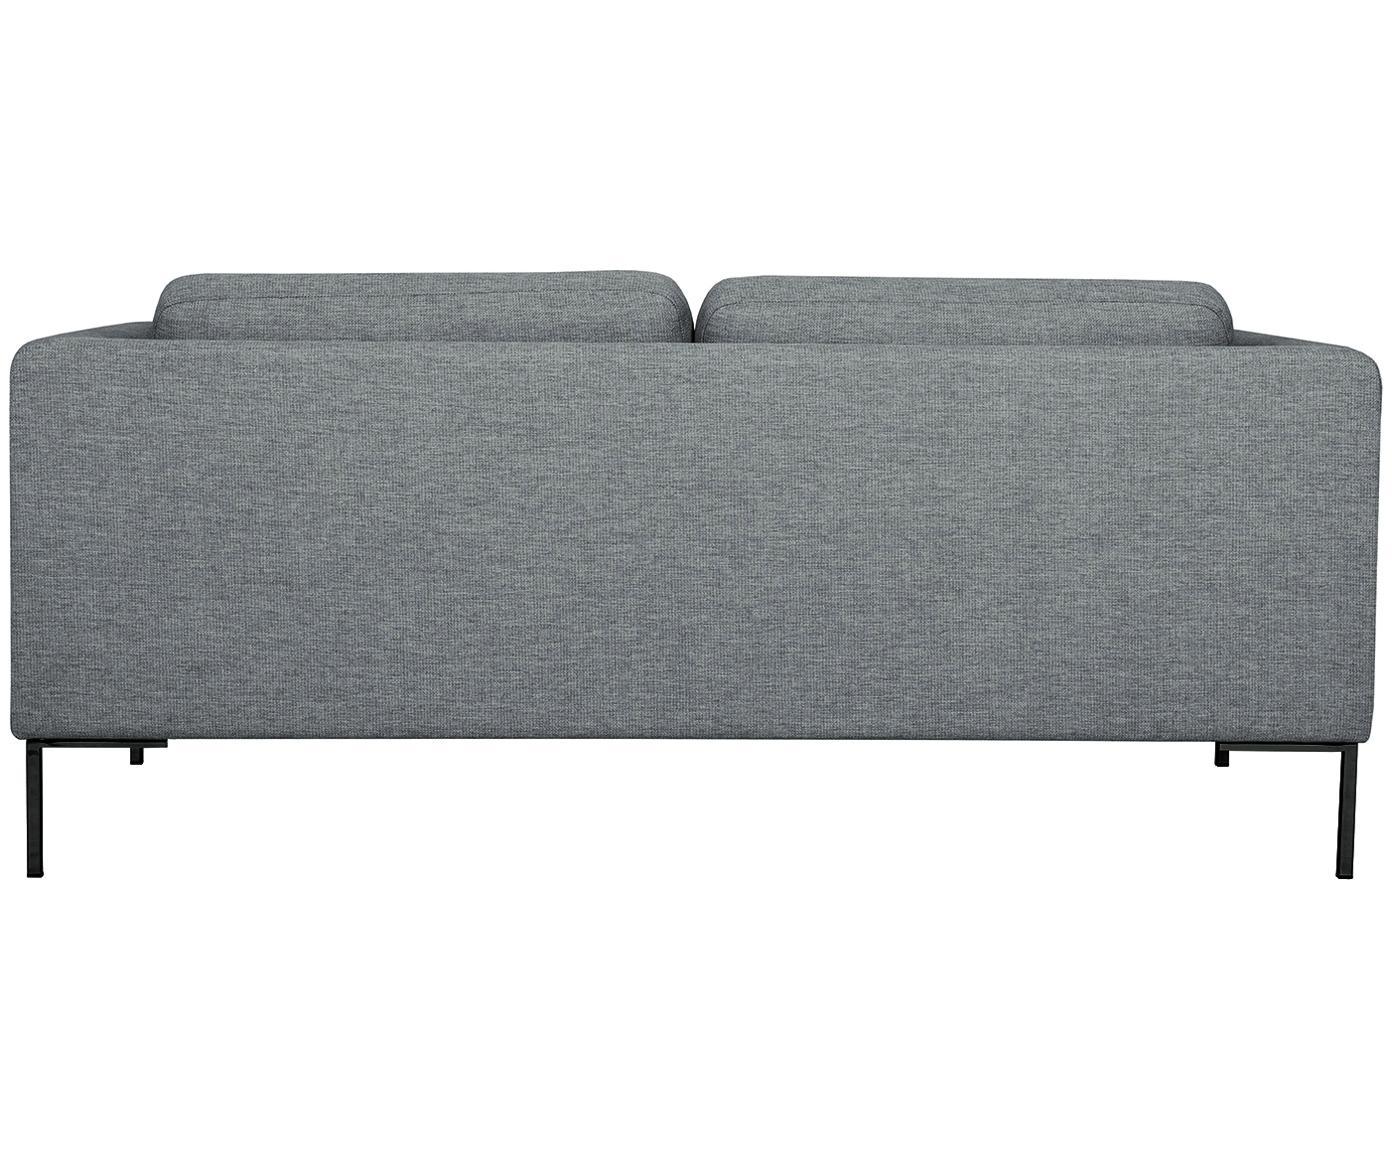 Sofa Emma (2-Sitzer), Bezug: Polyester 100.000 Scheuer, Gestell: Massives Kiefernholz, Füße: Metall, pulverbeschichtet, Webstoff Grau, Füße Schwarz, B 194 x T 100 cm